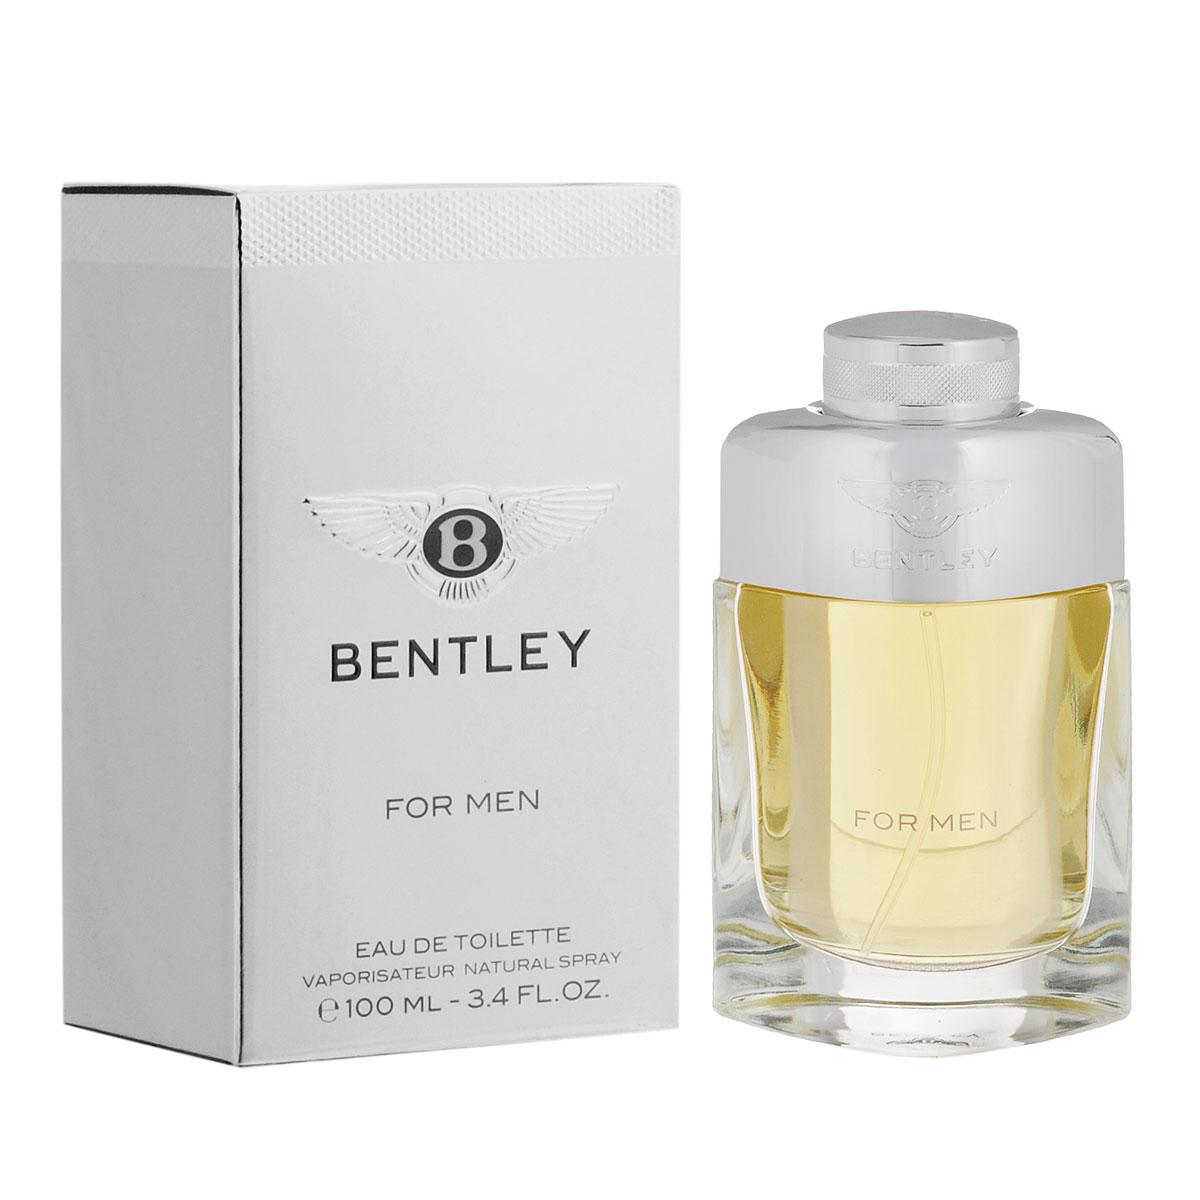 Bentley Туалетная вода For Men, мужская, 100 млB140308Благородный яркий аромат от Bentley по-достоинству оценит уверенный в себе современный мужчина. В основе идеи -трансформация роскошного автомобиля в не менее роскошный мужской аромат. Классификация аромата: древесный, кожаный, пряный. Пирамида аромата: Верхние ноты: черный перец, лавровый лист, бергамот. Ноты сердца: ром, корица, шалфей, ноты кожи. Ноты шлейфа: кедр, пачули, мускус, cиамский бензоин. Ключевые слова Cовременный, элегантный, мужественный!Туалетная вода - один из самых популярных видов парфюмерной продукции. Туалетная вода содержит 4-10%парфюмерного экстракта. Главные достоинства данного типа продукции заключаются в доступной цене, разнообразии форматов (как правило, 30, 50, 75, 100 мл), удобстве использования (чаще всего - спрей). Идеальна для дневного использования.Товар сертифицирован.